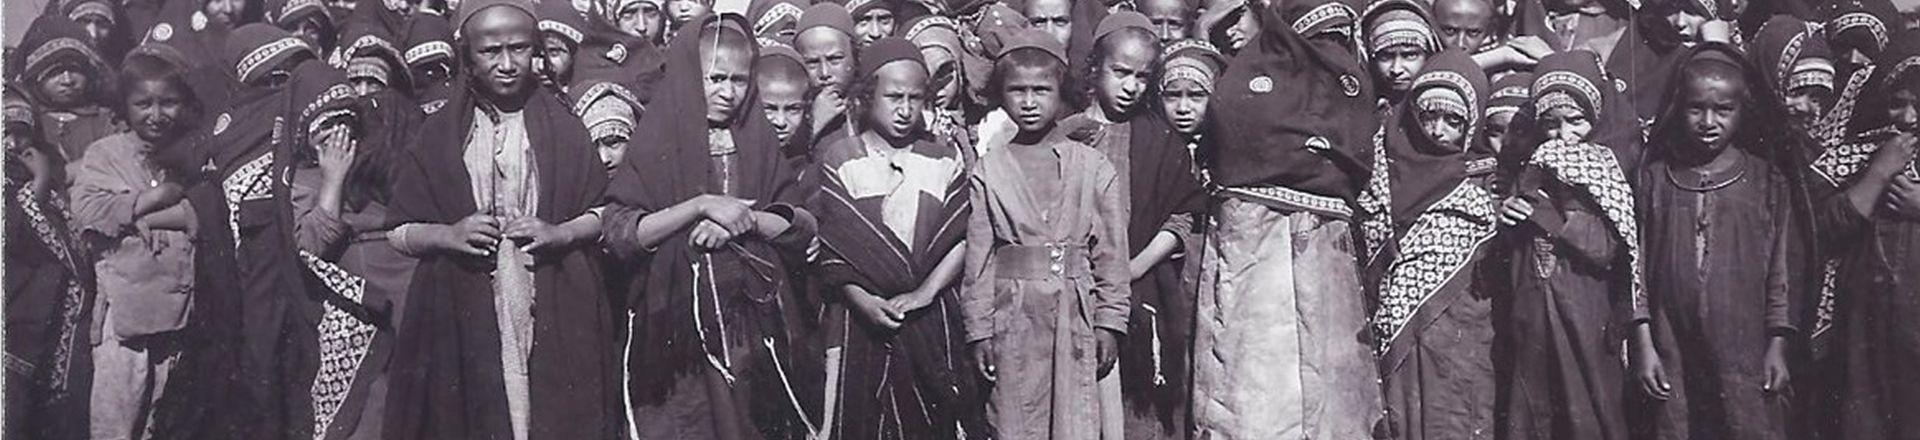 قضيّة أولاد اليمن والشرق والبلقان